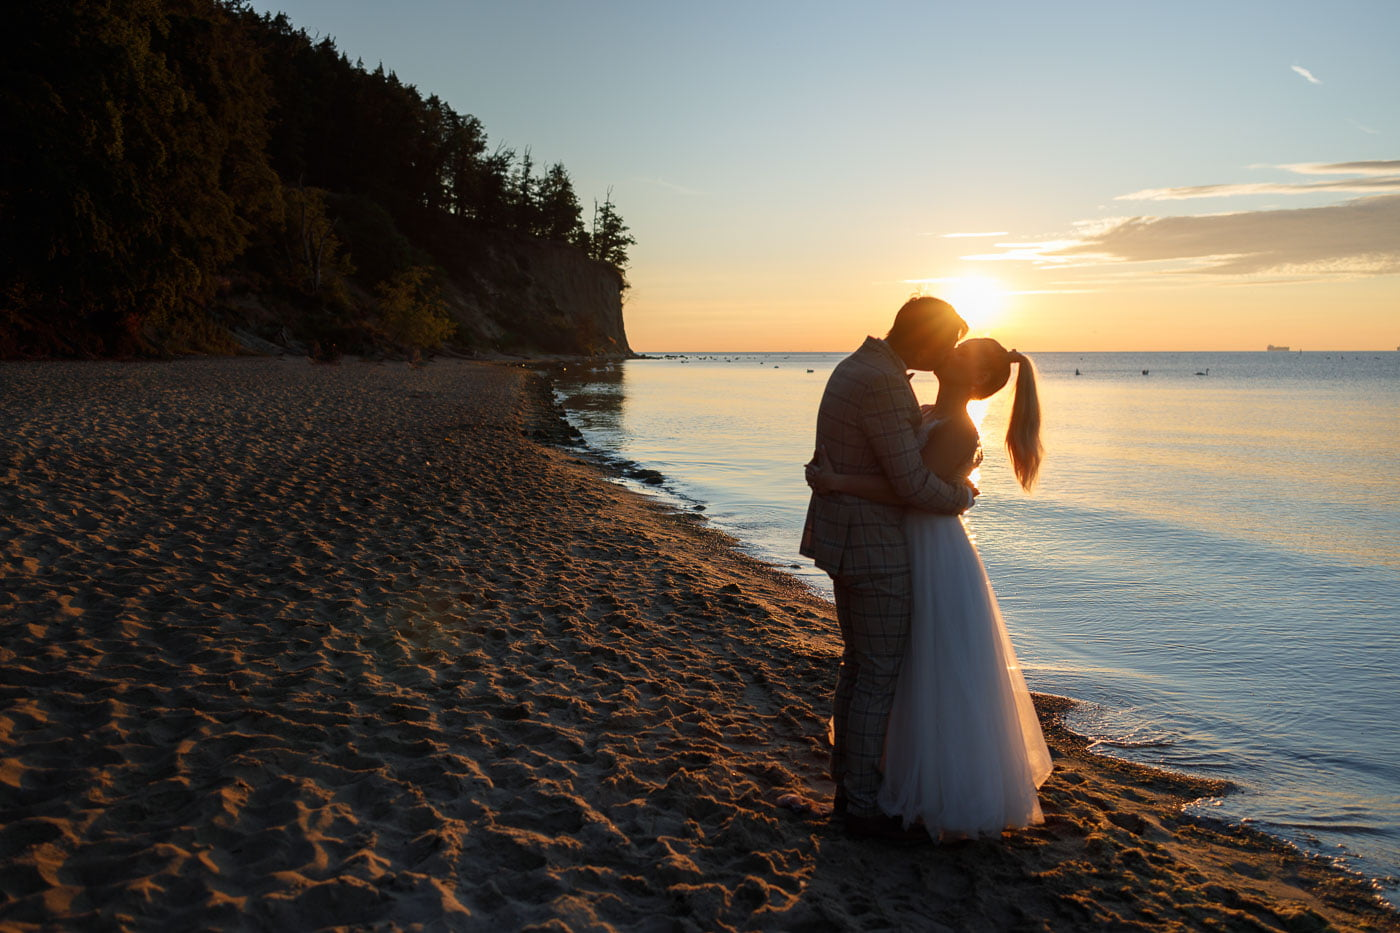 sesja poślubna-gdynia orłowo-fotograf ślubny trójmiasto-kurdunowicz fotografia